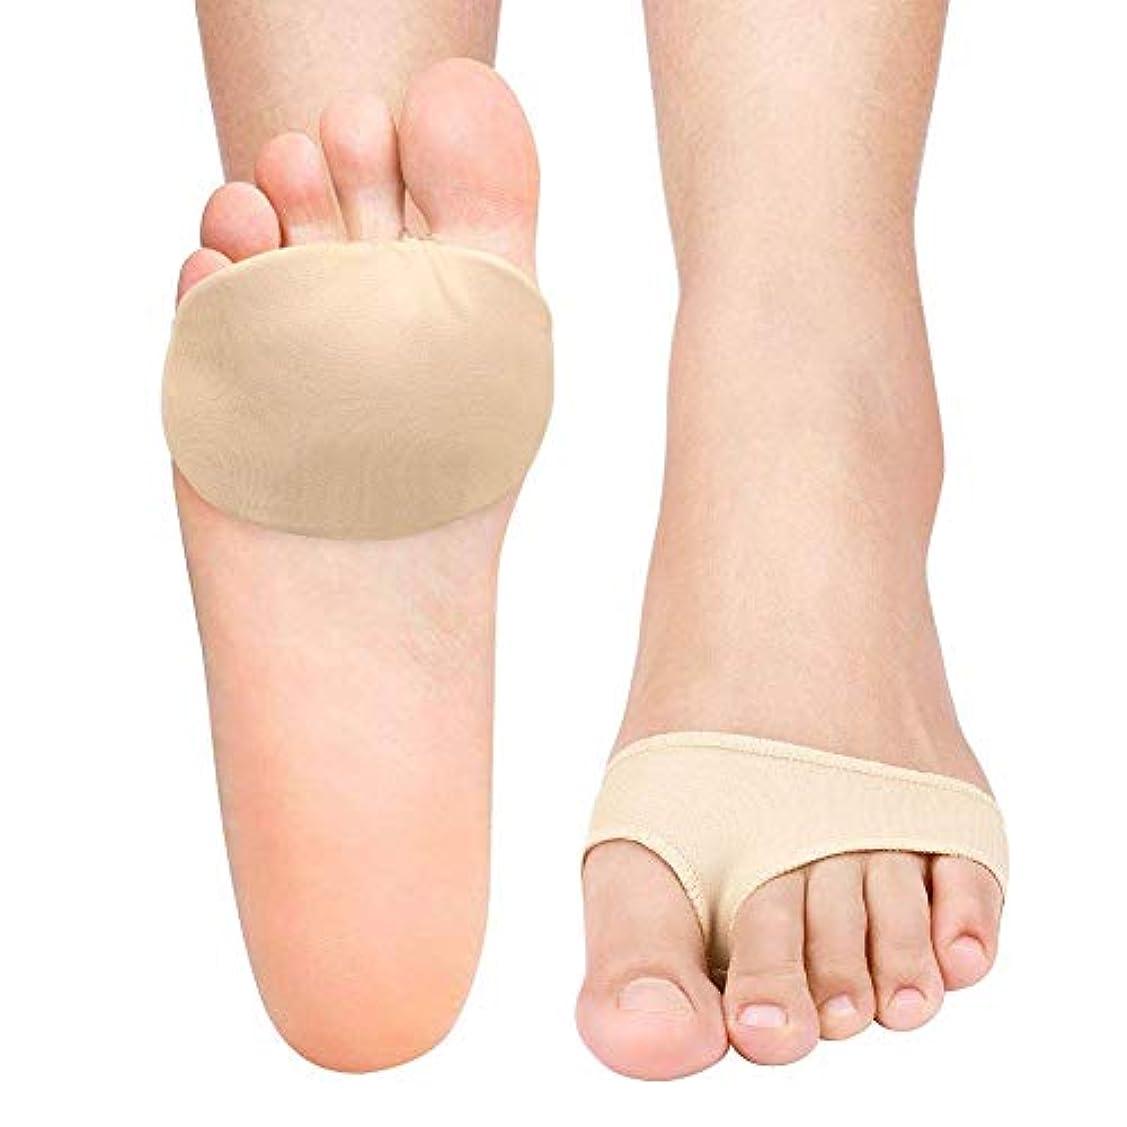 センチメンタルニュージーランドコインランドリーYosoo 足裏保護パッド 足裏 保護 サポーター 前ズレ防止 つま先の痛み緩和 柔らかい つま先ジェルクッション シリコン フリーサイズ 2個入り